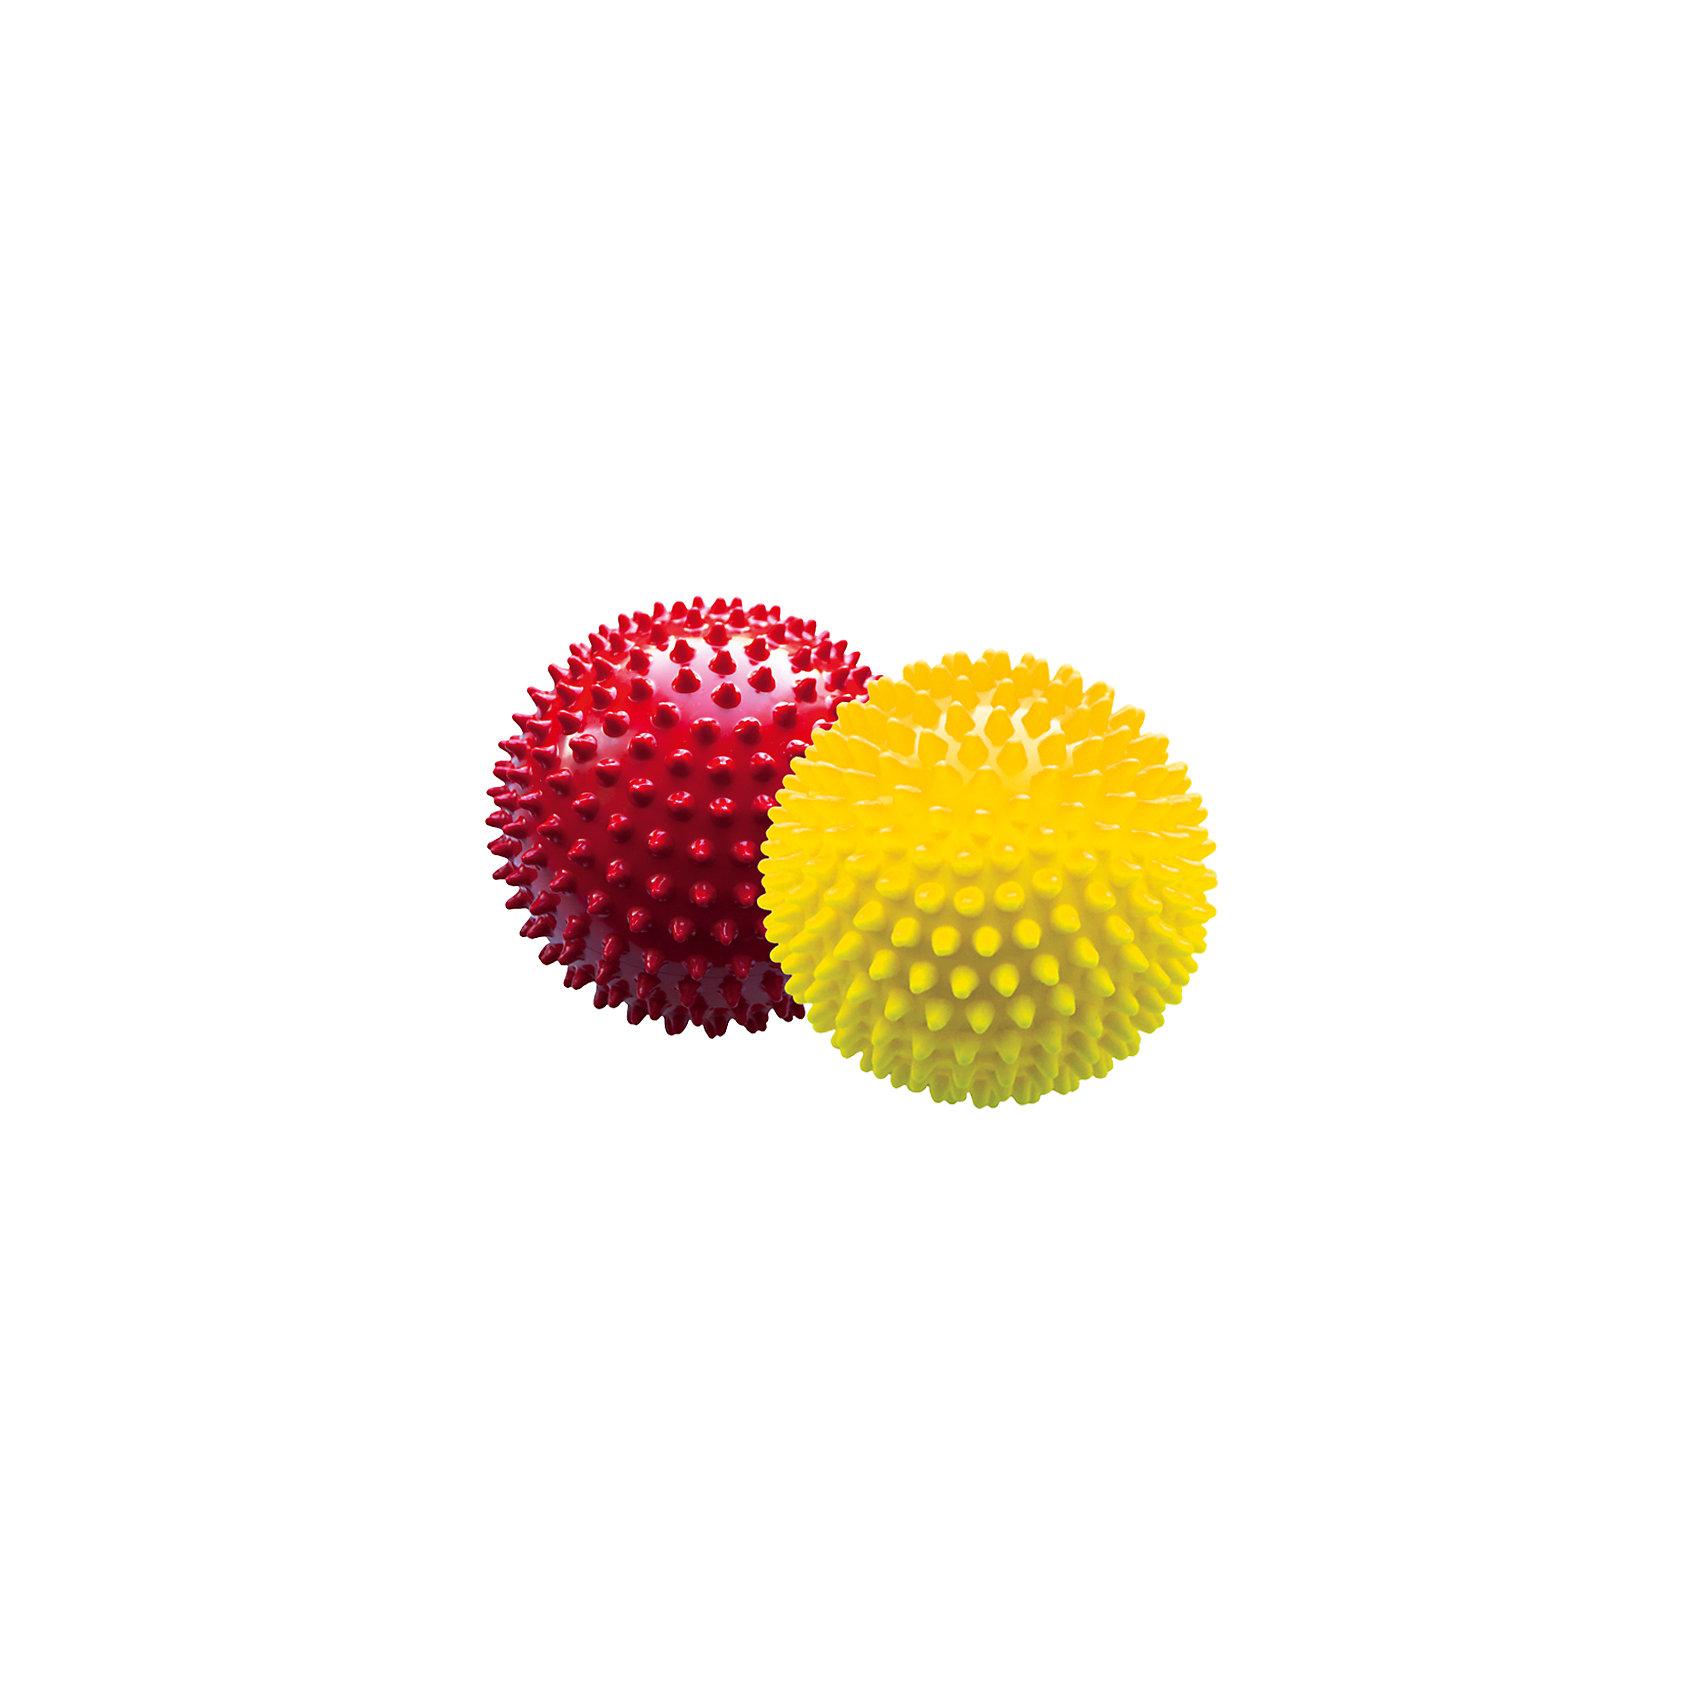 Набор мячей ёжиков, красный и желтый, 12 см, МалышОКМячи детские<br>Характеристики товара:<br><br>• в комплекте: 2 мяча;<br>• диаметр мяча: 12 см;<br>• материал: ПВХ;<br>• цвет: красный, желтый;<br>• возраст: от 0 месяцев;<br>• размер упаковки: 13х13х26 см;<br>• вес: 150 грамм;<br>• страна бренда: Россия.<br><br>Набор мячей ёжиков предназначен для игр или массажа. Мячи подходят для использования в воде. В комплект входят 2 мяча диаметром 12 сантиметров.<br><br>Во время игры развиваются тактильные навыки, цветовое восприятие, координация движений и моторика рук.<br><br>Мягкие шипы бережно массируют кожу малыша, улучшая кровоток, что благотворно влияет на развитие нервной системы и мускулатуры.<br><br>Мячи изготовлены из гипоаллергенных материалов.<br><br>Набор мячей ёжиков, красный и желтый, 12 см, МалышОК можно купить в нашем интернет-магазине.<br><br>Ширина мм: 260<br>Глубина мм: 130<br>Высота мм: 130<br>Вес г: 150<br>Возраст от месяцев: 6<br>Возраст до месяцев: 2147483647<br>Пол: Унисекс<br>Возраст: Детский<br>SKU: 6894024